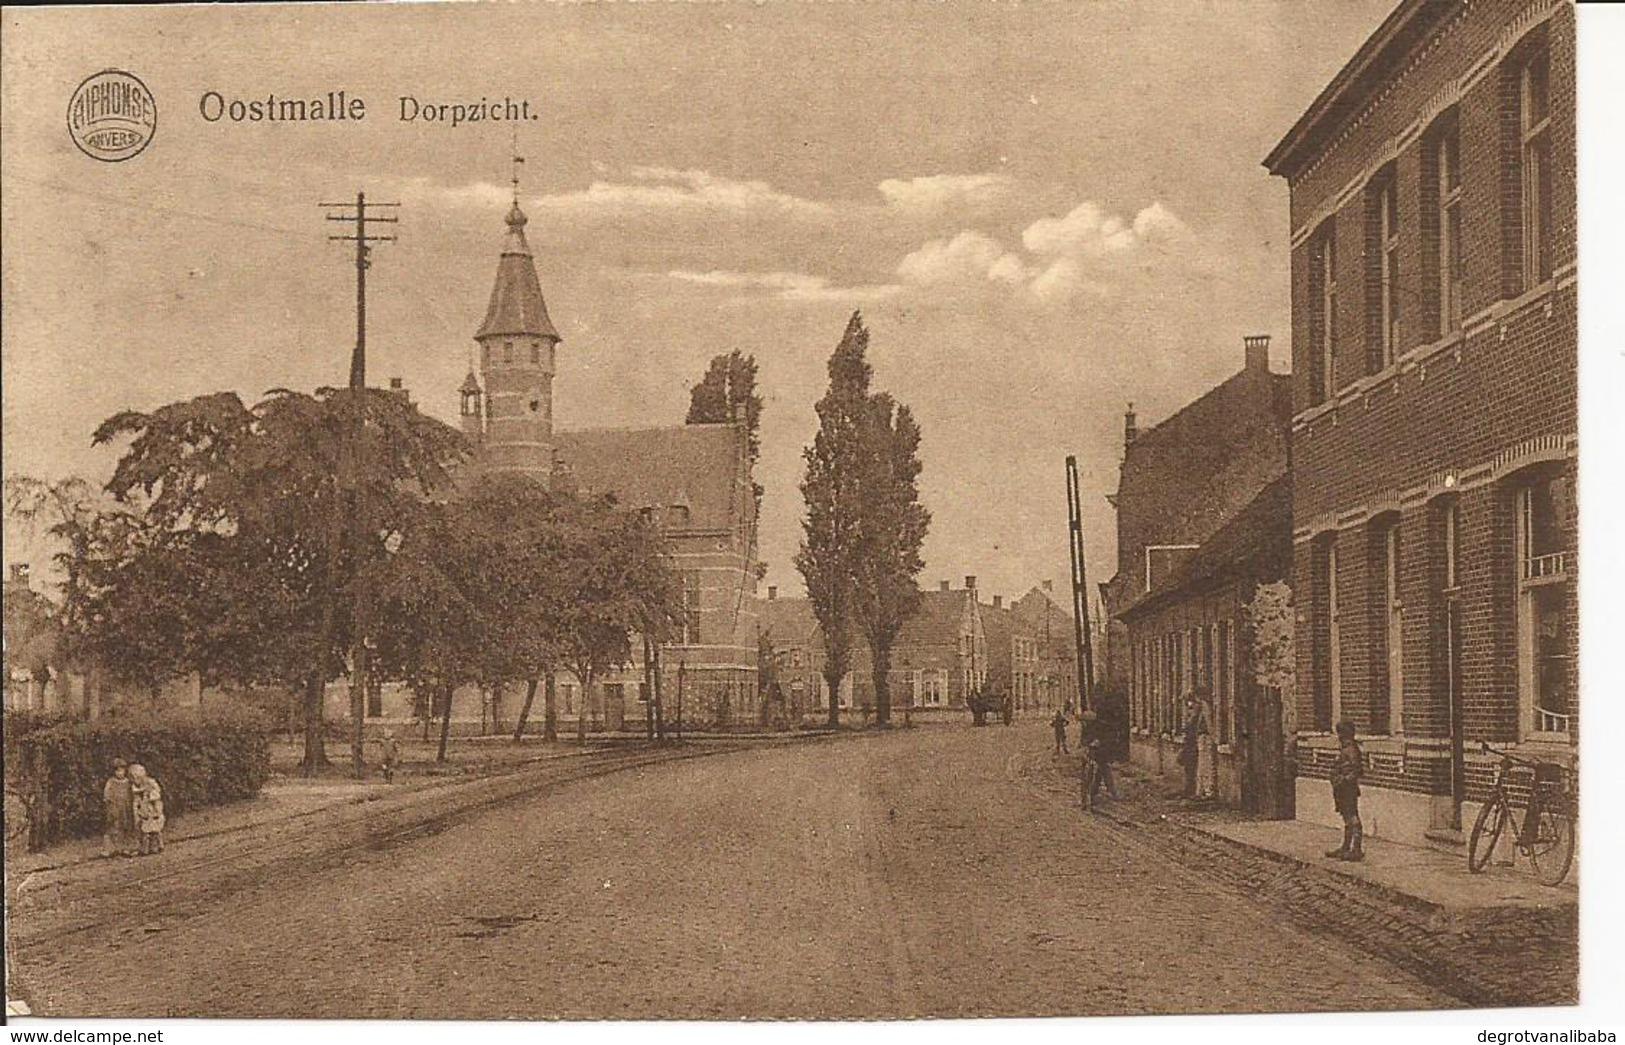 OOST-MALLE: Dorpzicht - Malle